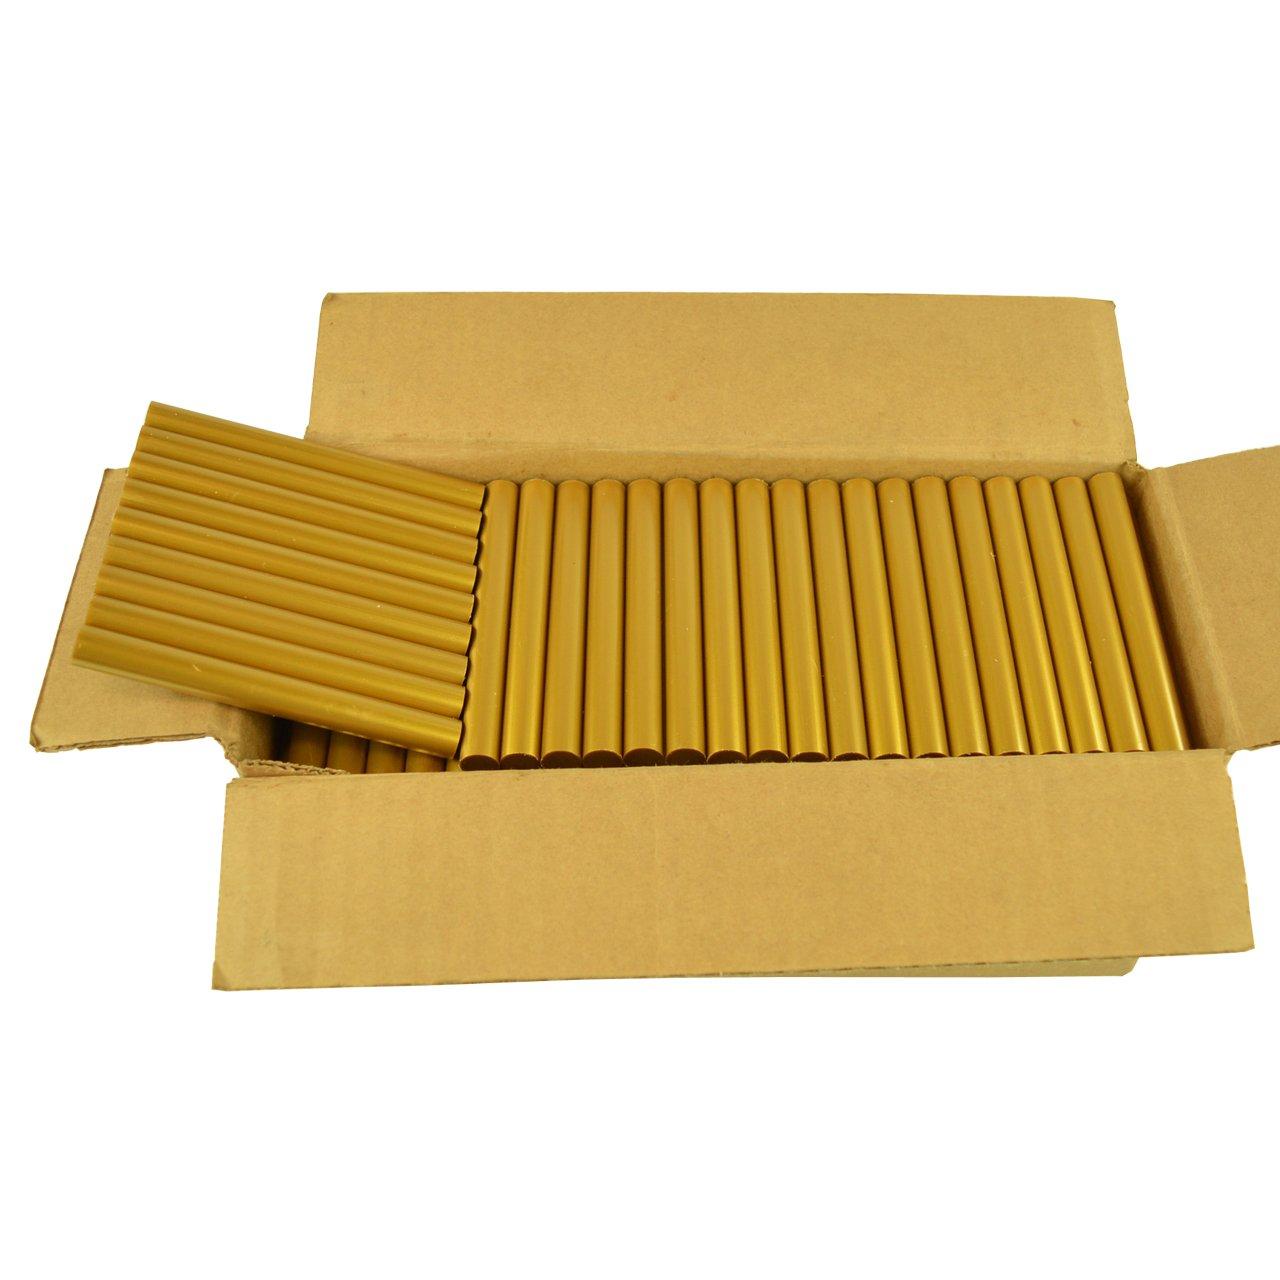 GlueSticksDirect Gold Metallic Faux Wax Glue Sticks 7/16'' X 4'' 5 lbs